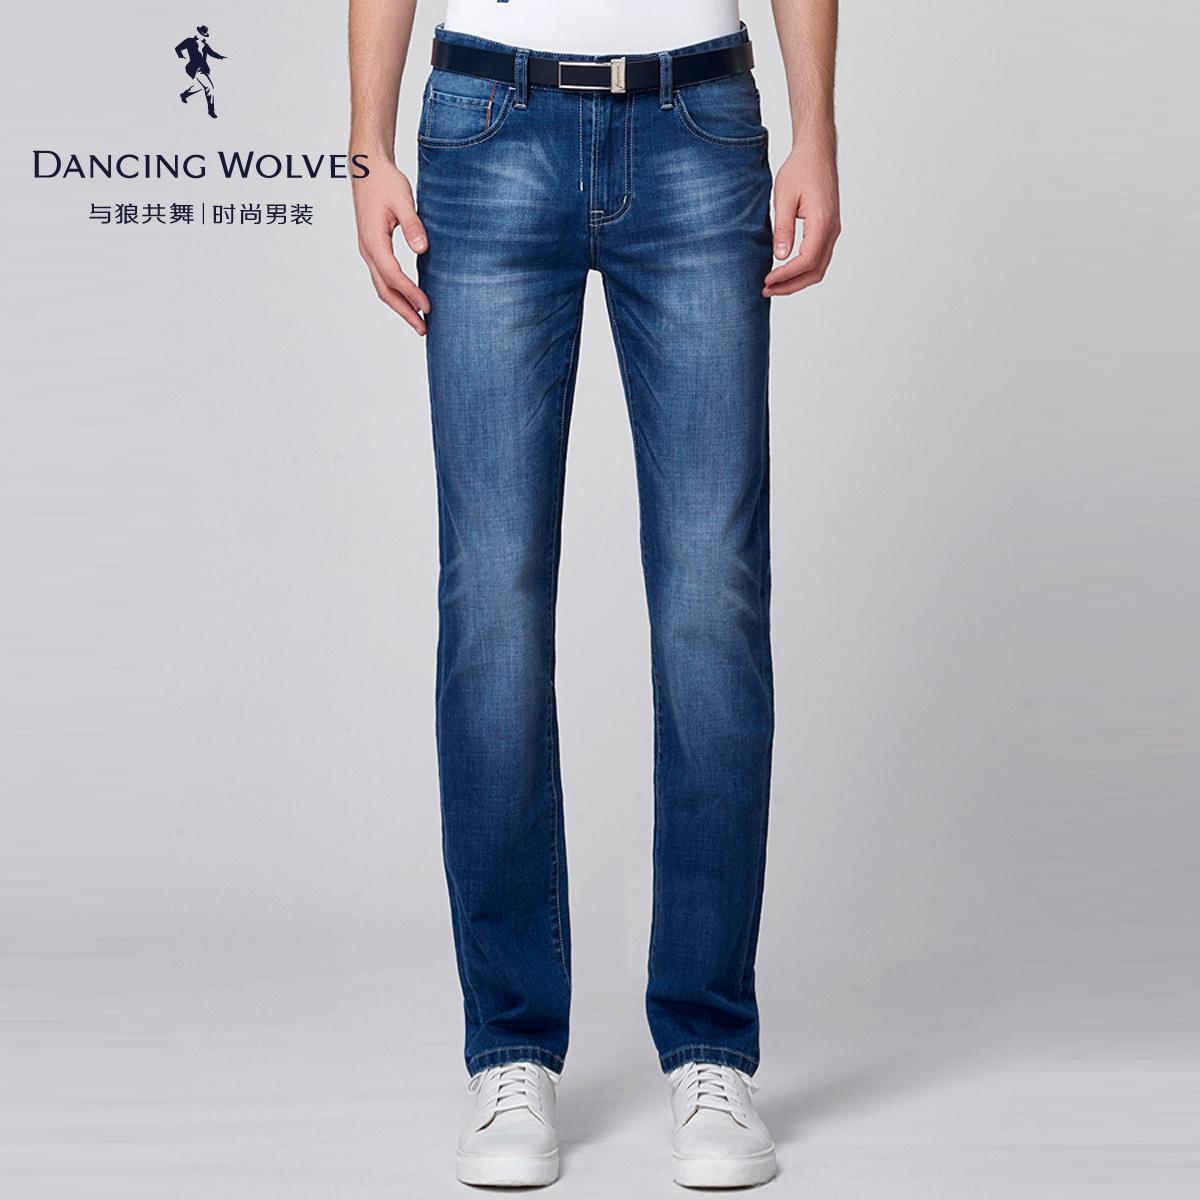 与狼共舞 牛仔裤 2016新款男装棉质休闲男士牛仔长裤